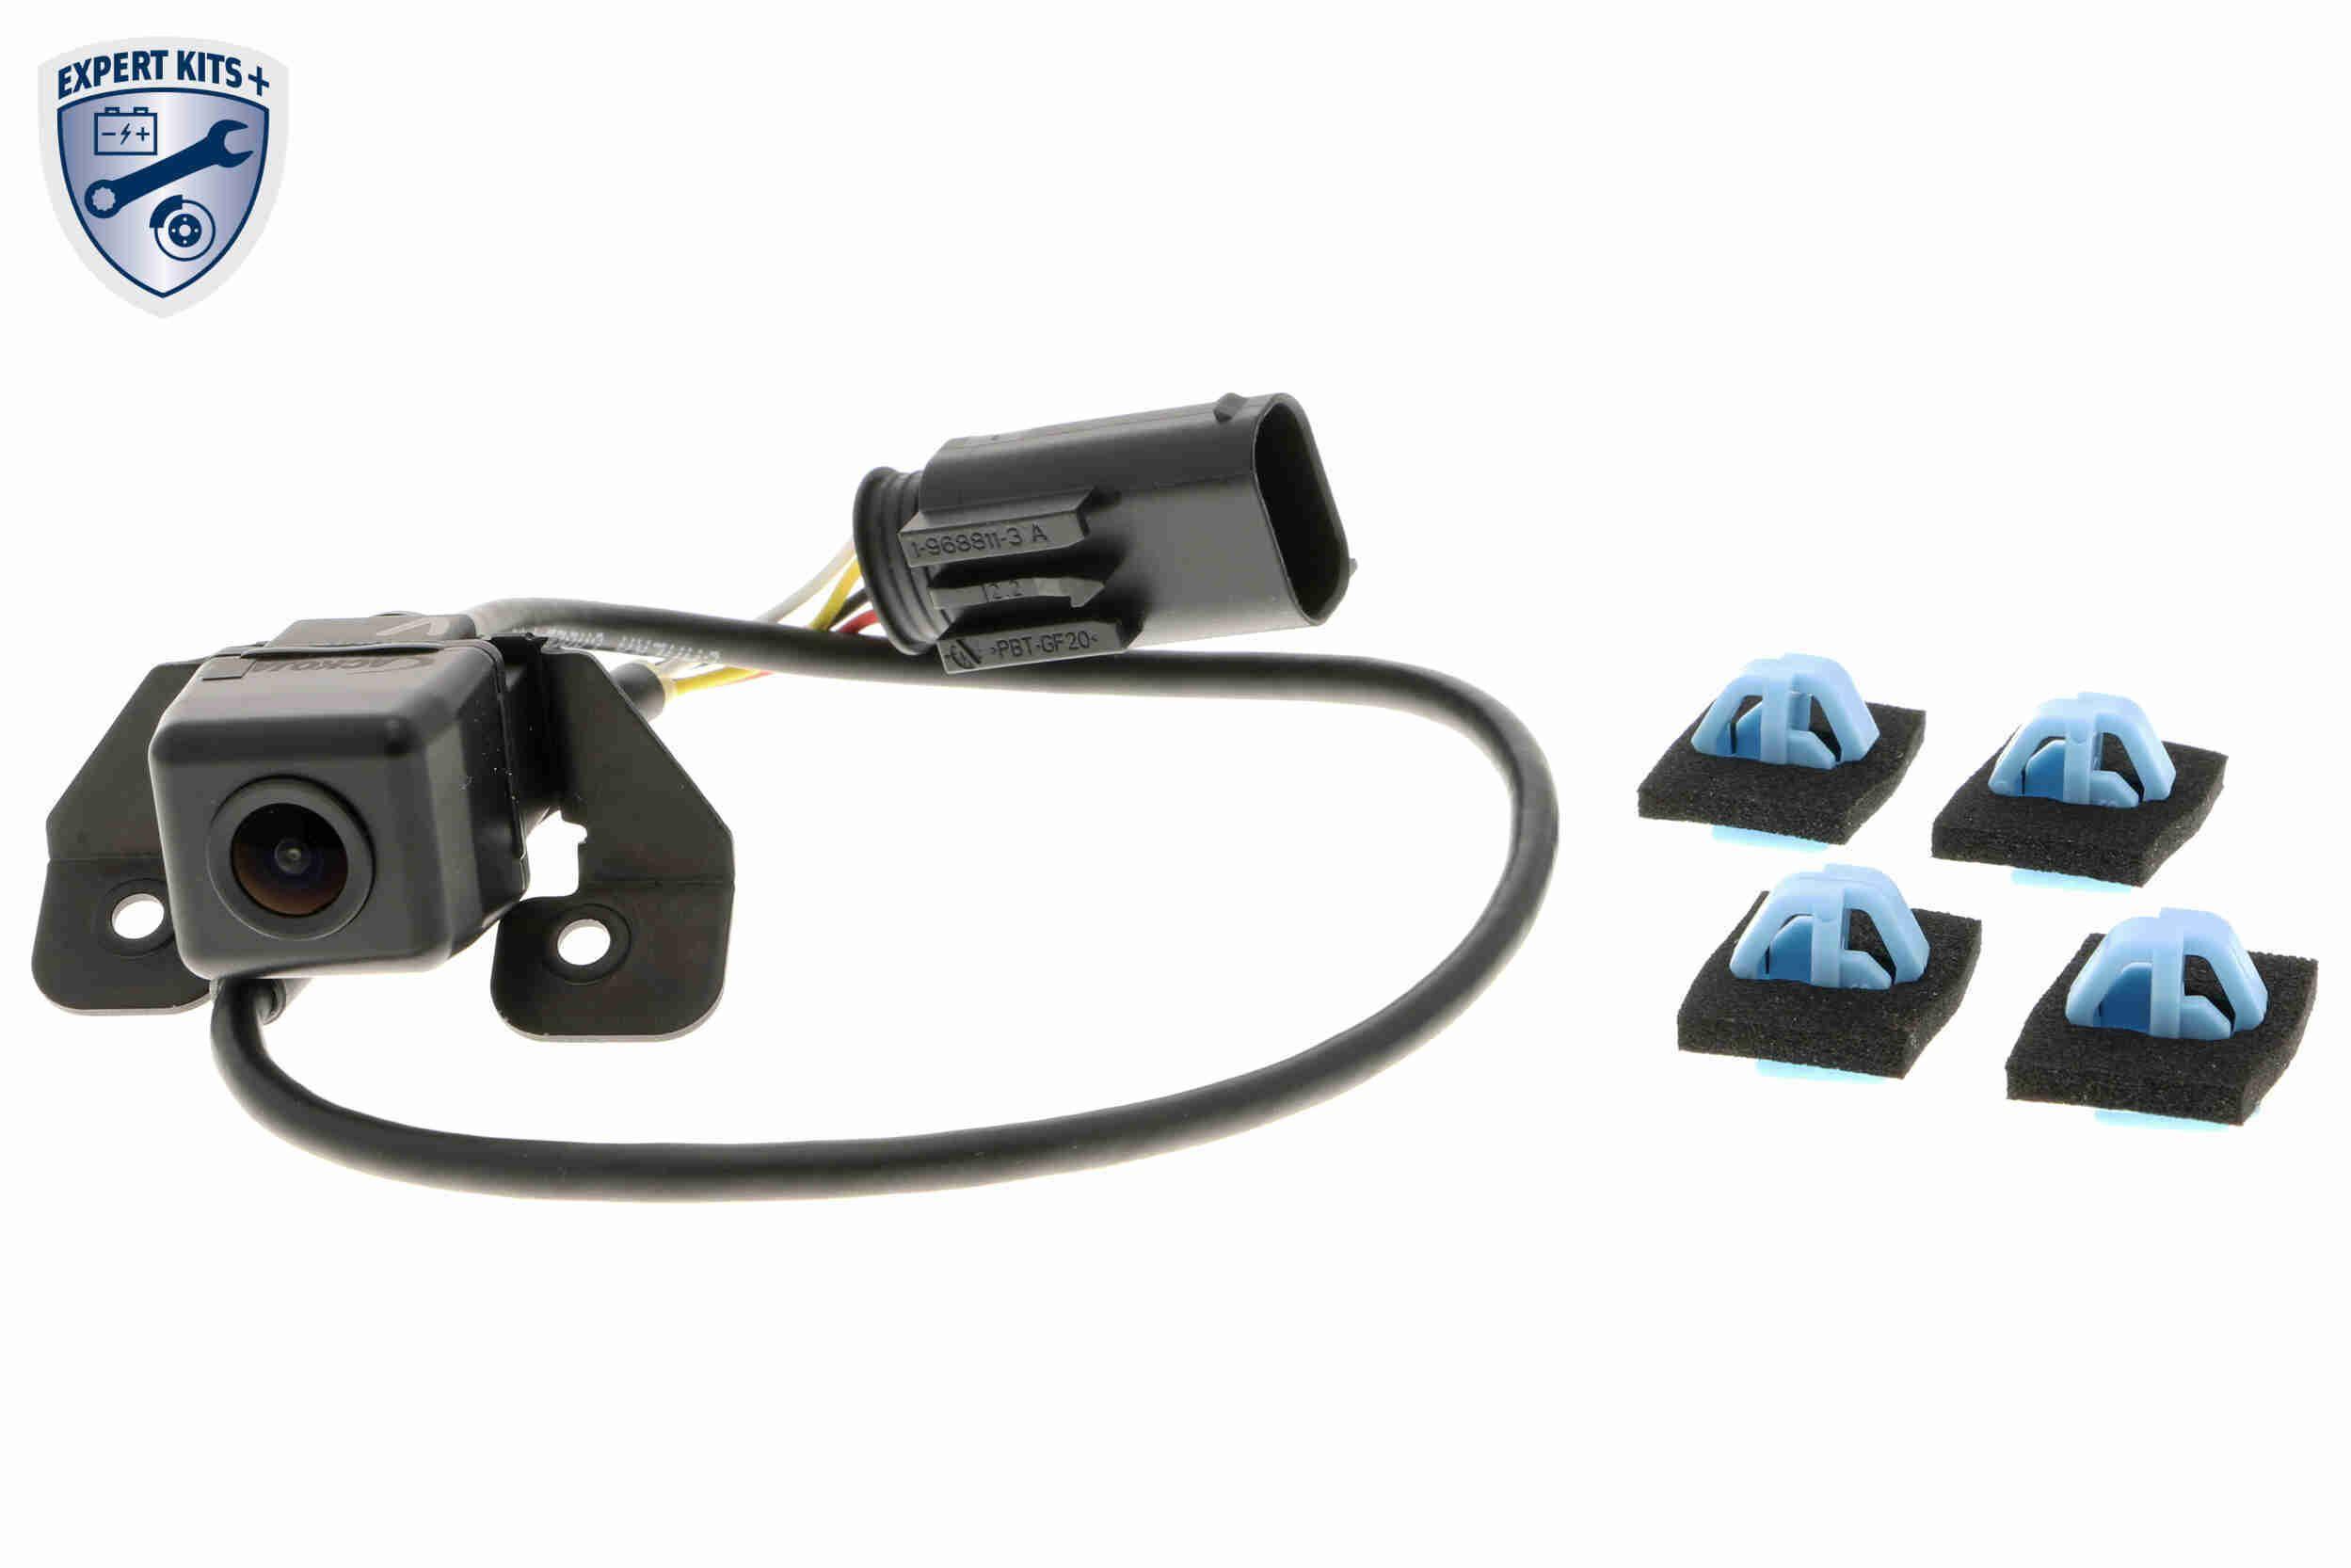 A52-74-0002 ACKOJA mit Zubehör, mit Befestigungsmaterial Rückfahrkamera, Einparkhilfe A52-74-0002 günstig kaufen